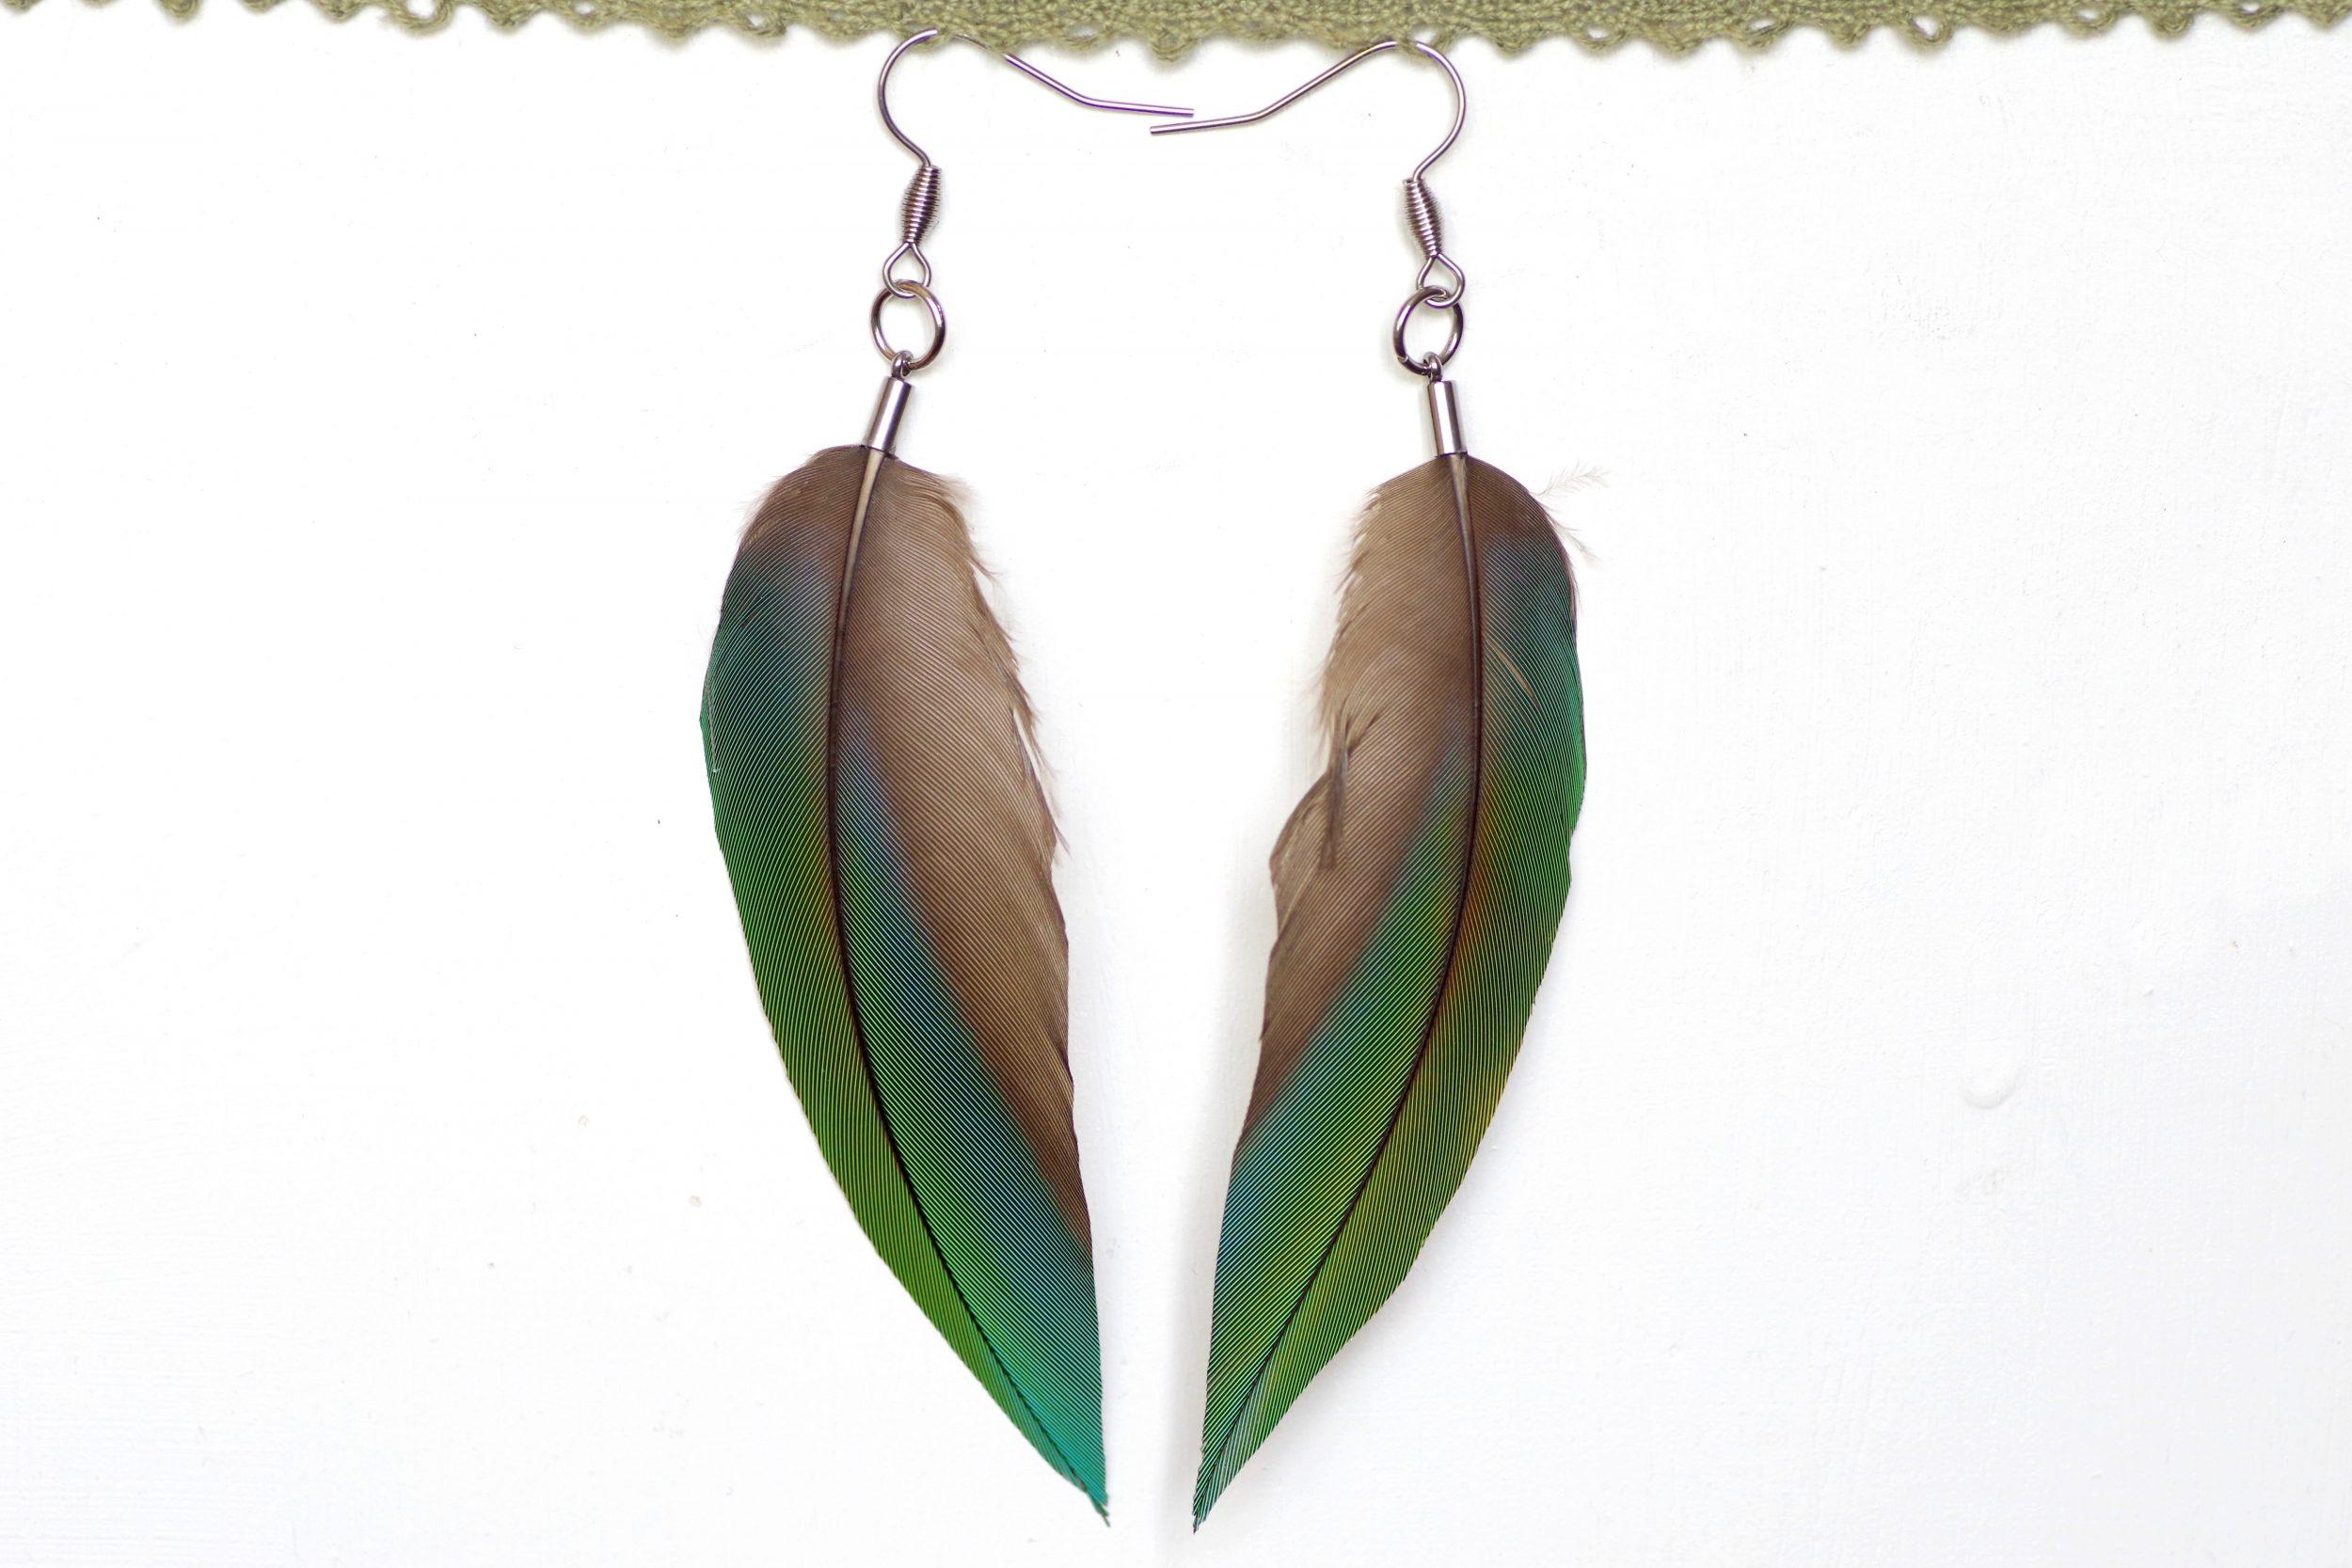 boucles d'oreilles à grandes plumes vertes avec des nuances bleues et une zone grise